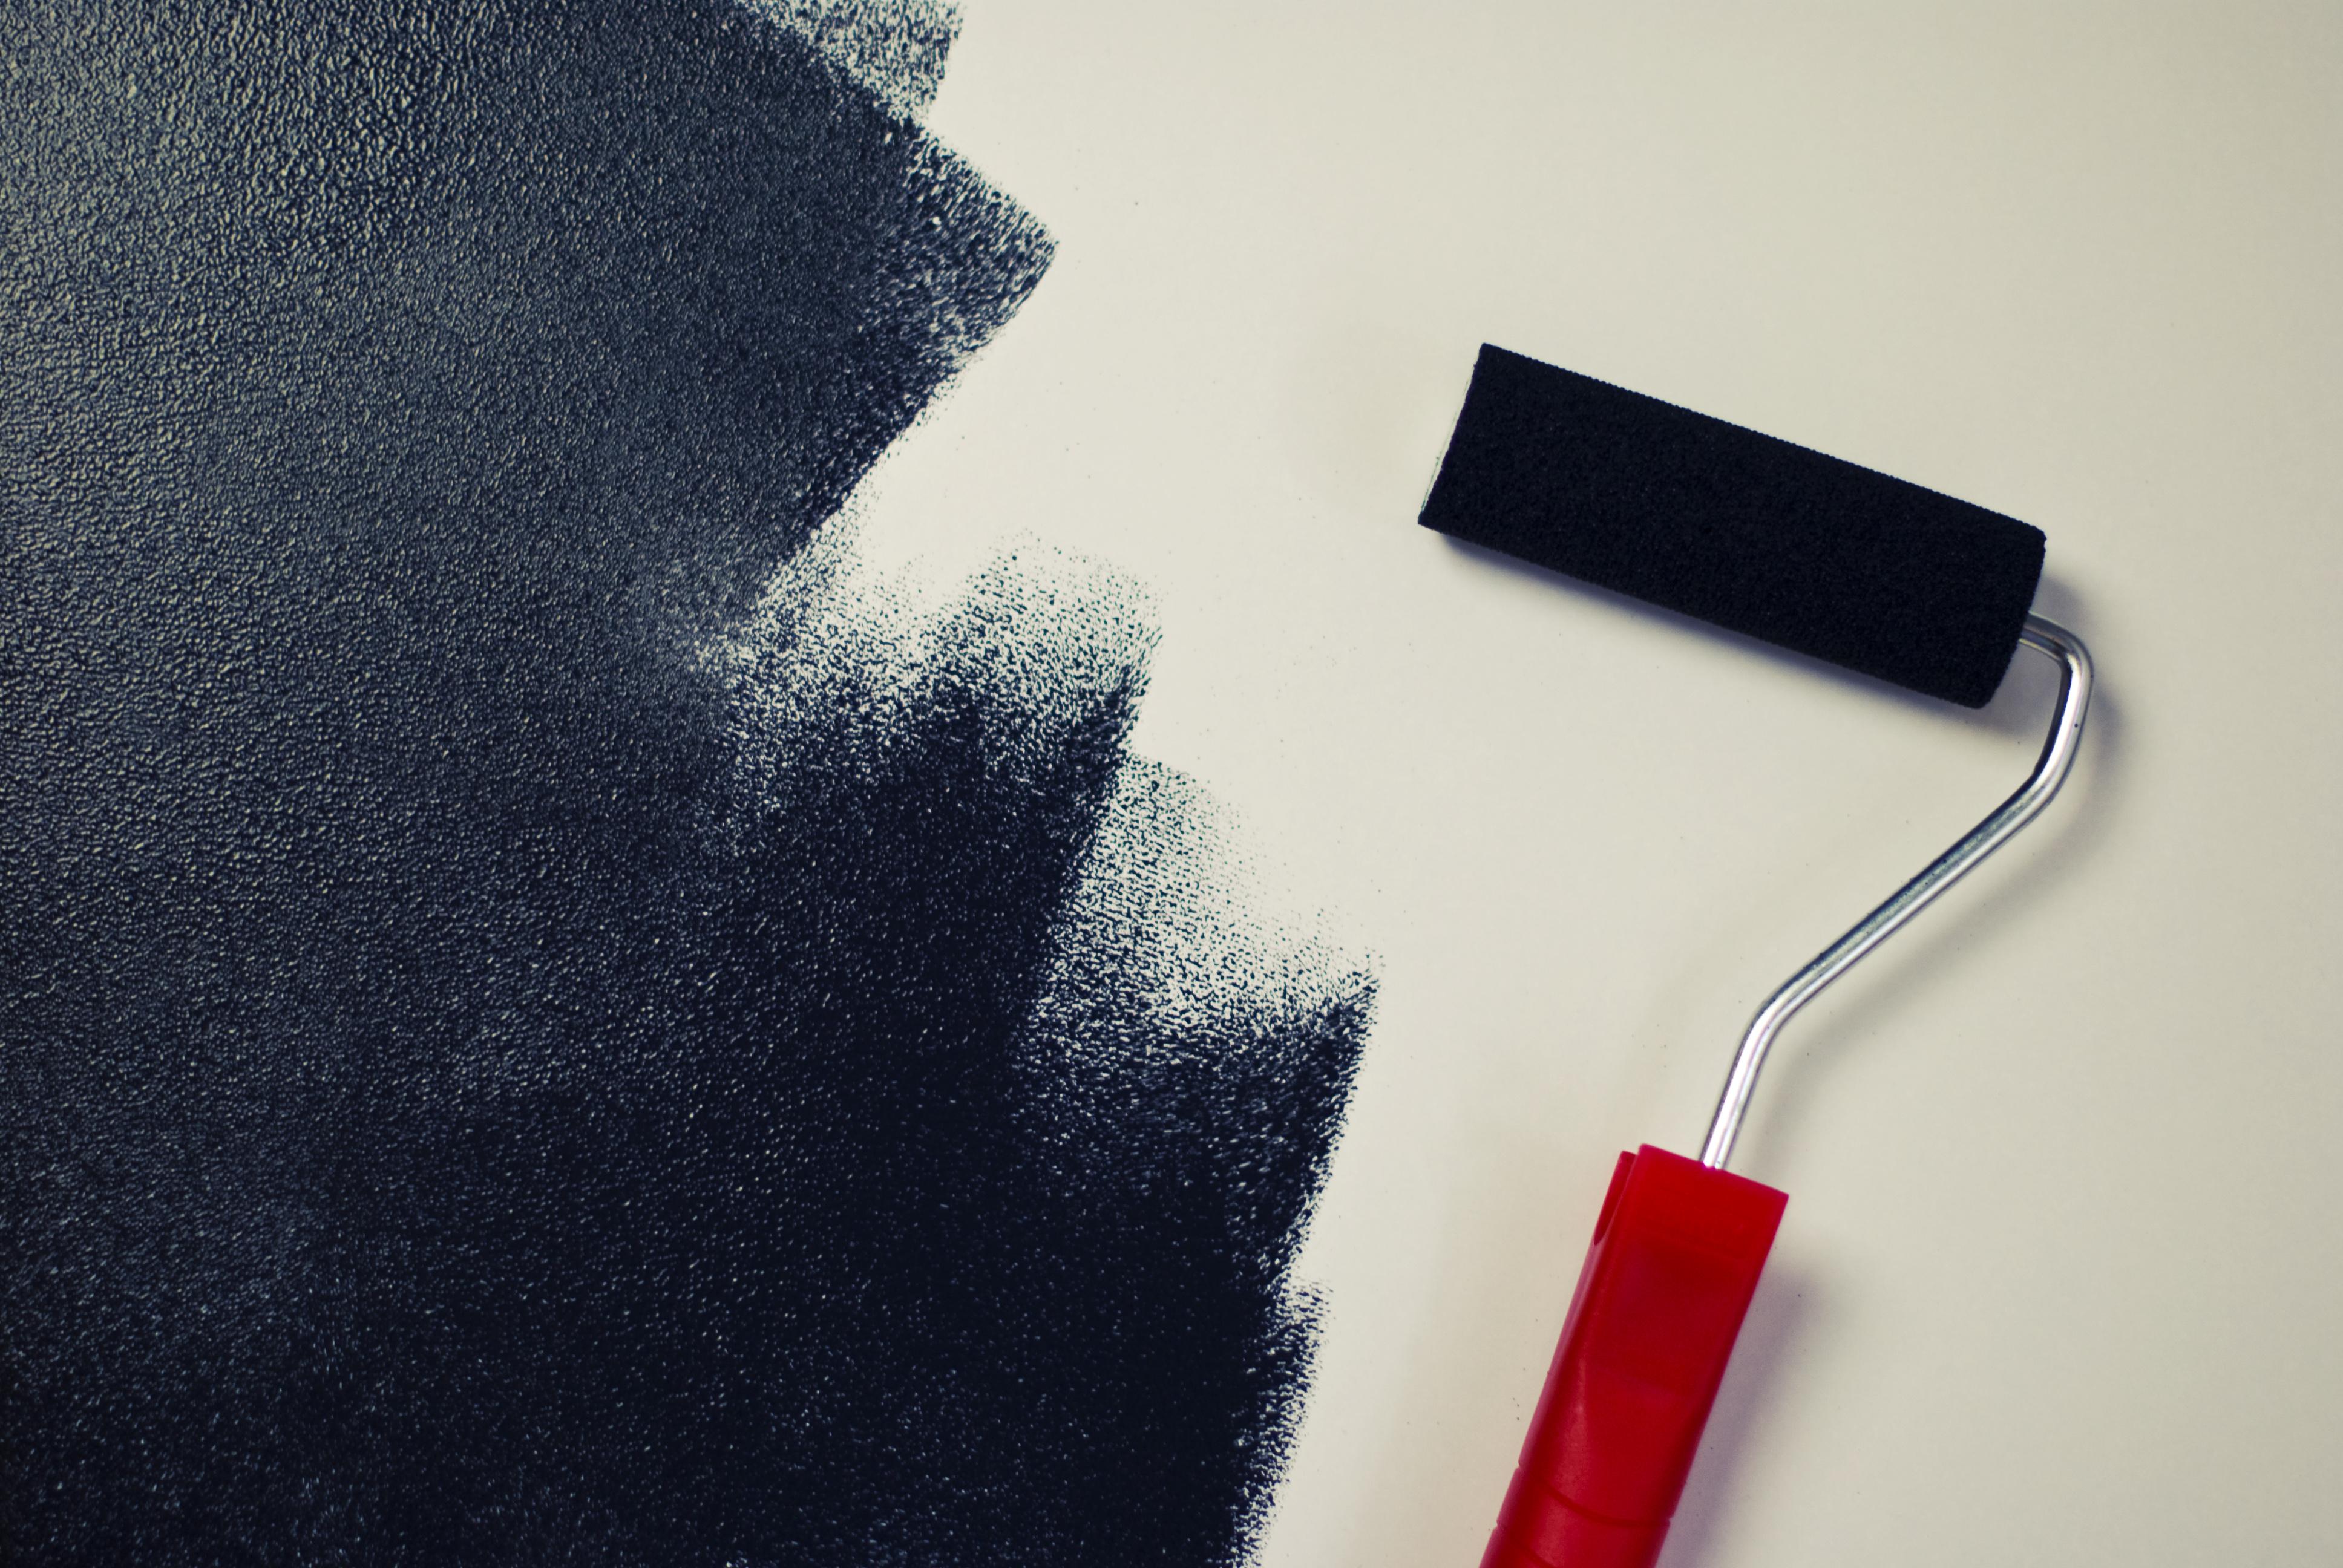 Тонкости и нюансы нанесения краски на гипсокартонные стены